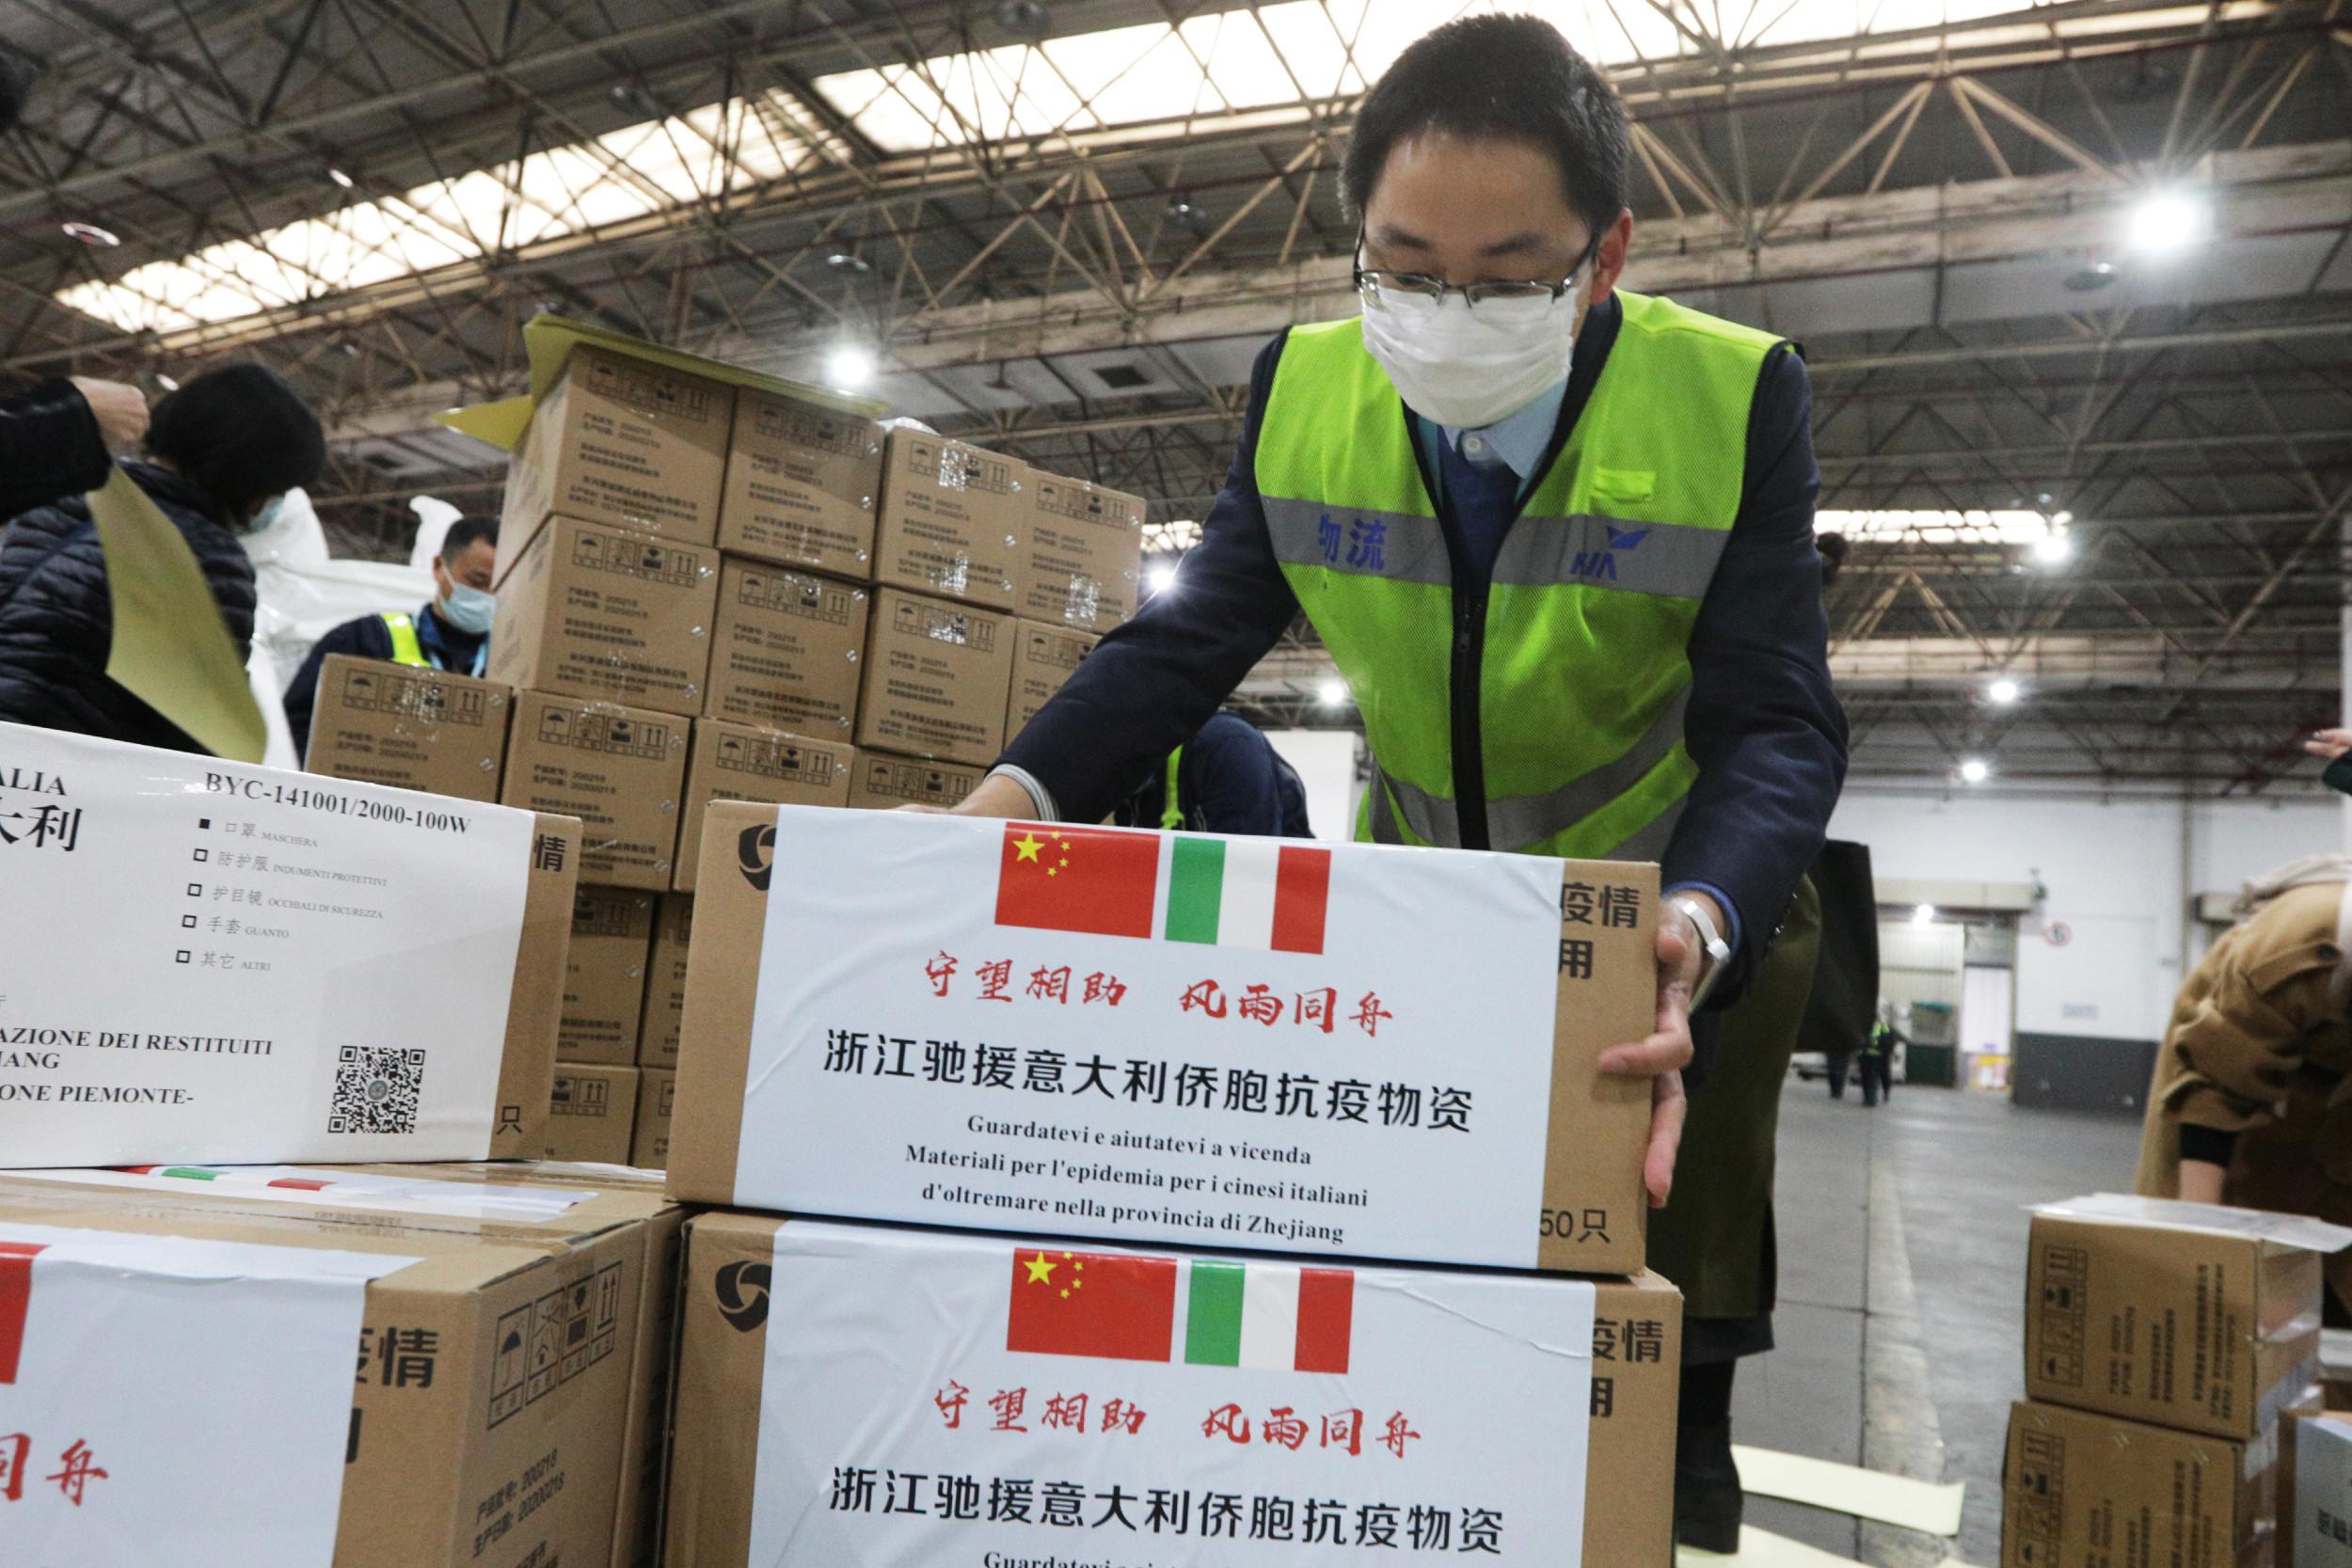 Radnik sa zaštitnom maskom slaže pakete medicinske pomoći koje Kina šalje Italiji u borbi protiv virusa COVID-19 (Foto: REUTERS)